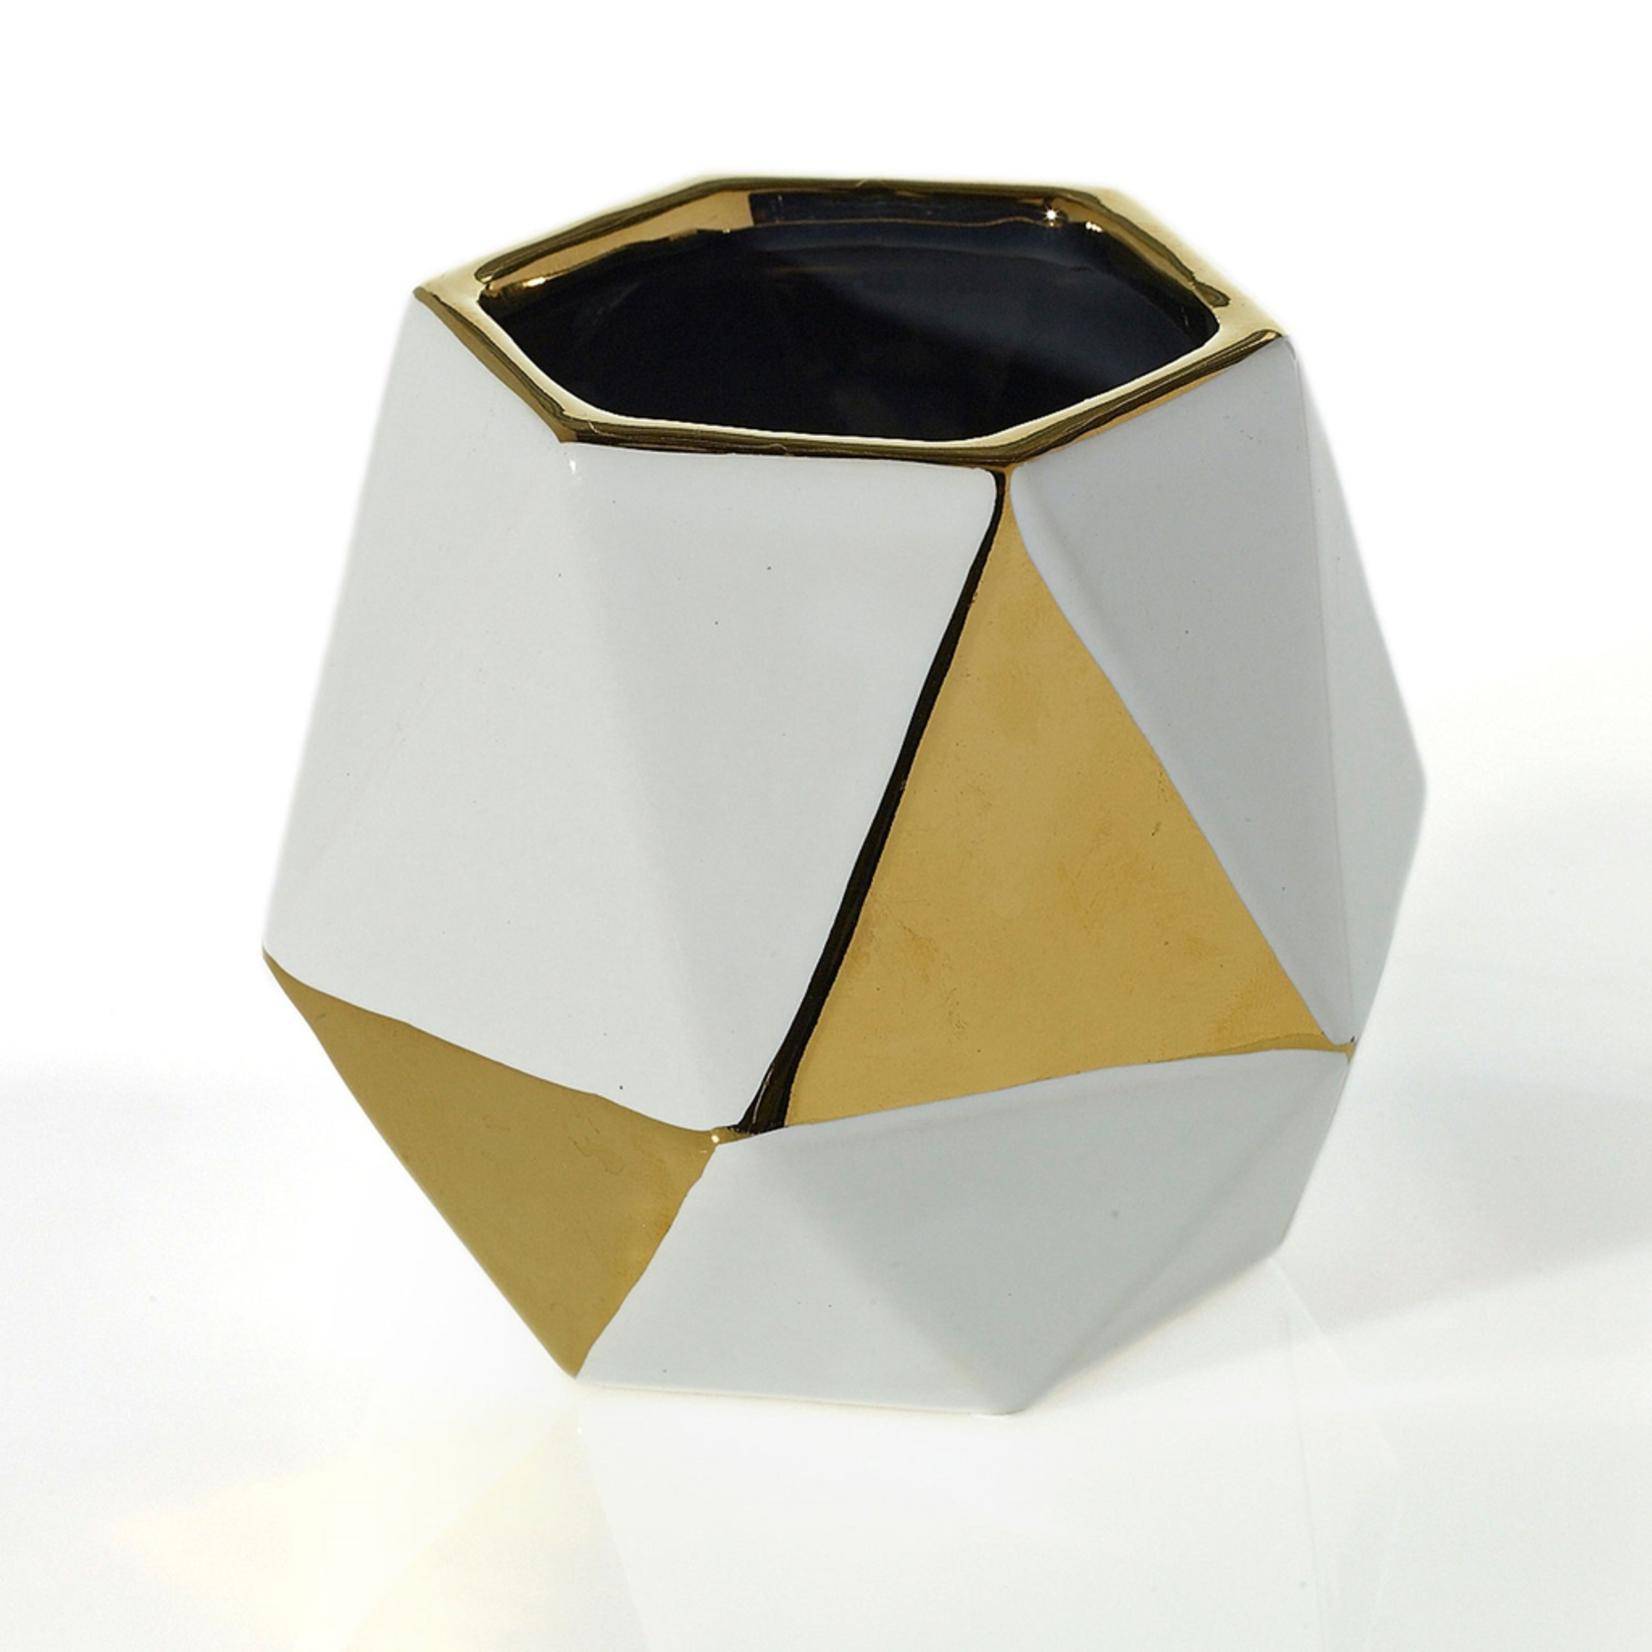 4.75'' x 4.25'' x 4'' Instyle Geo Vase (AD)